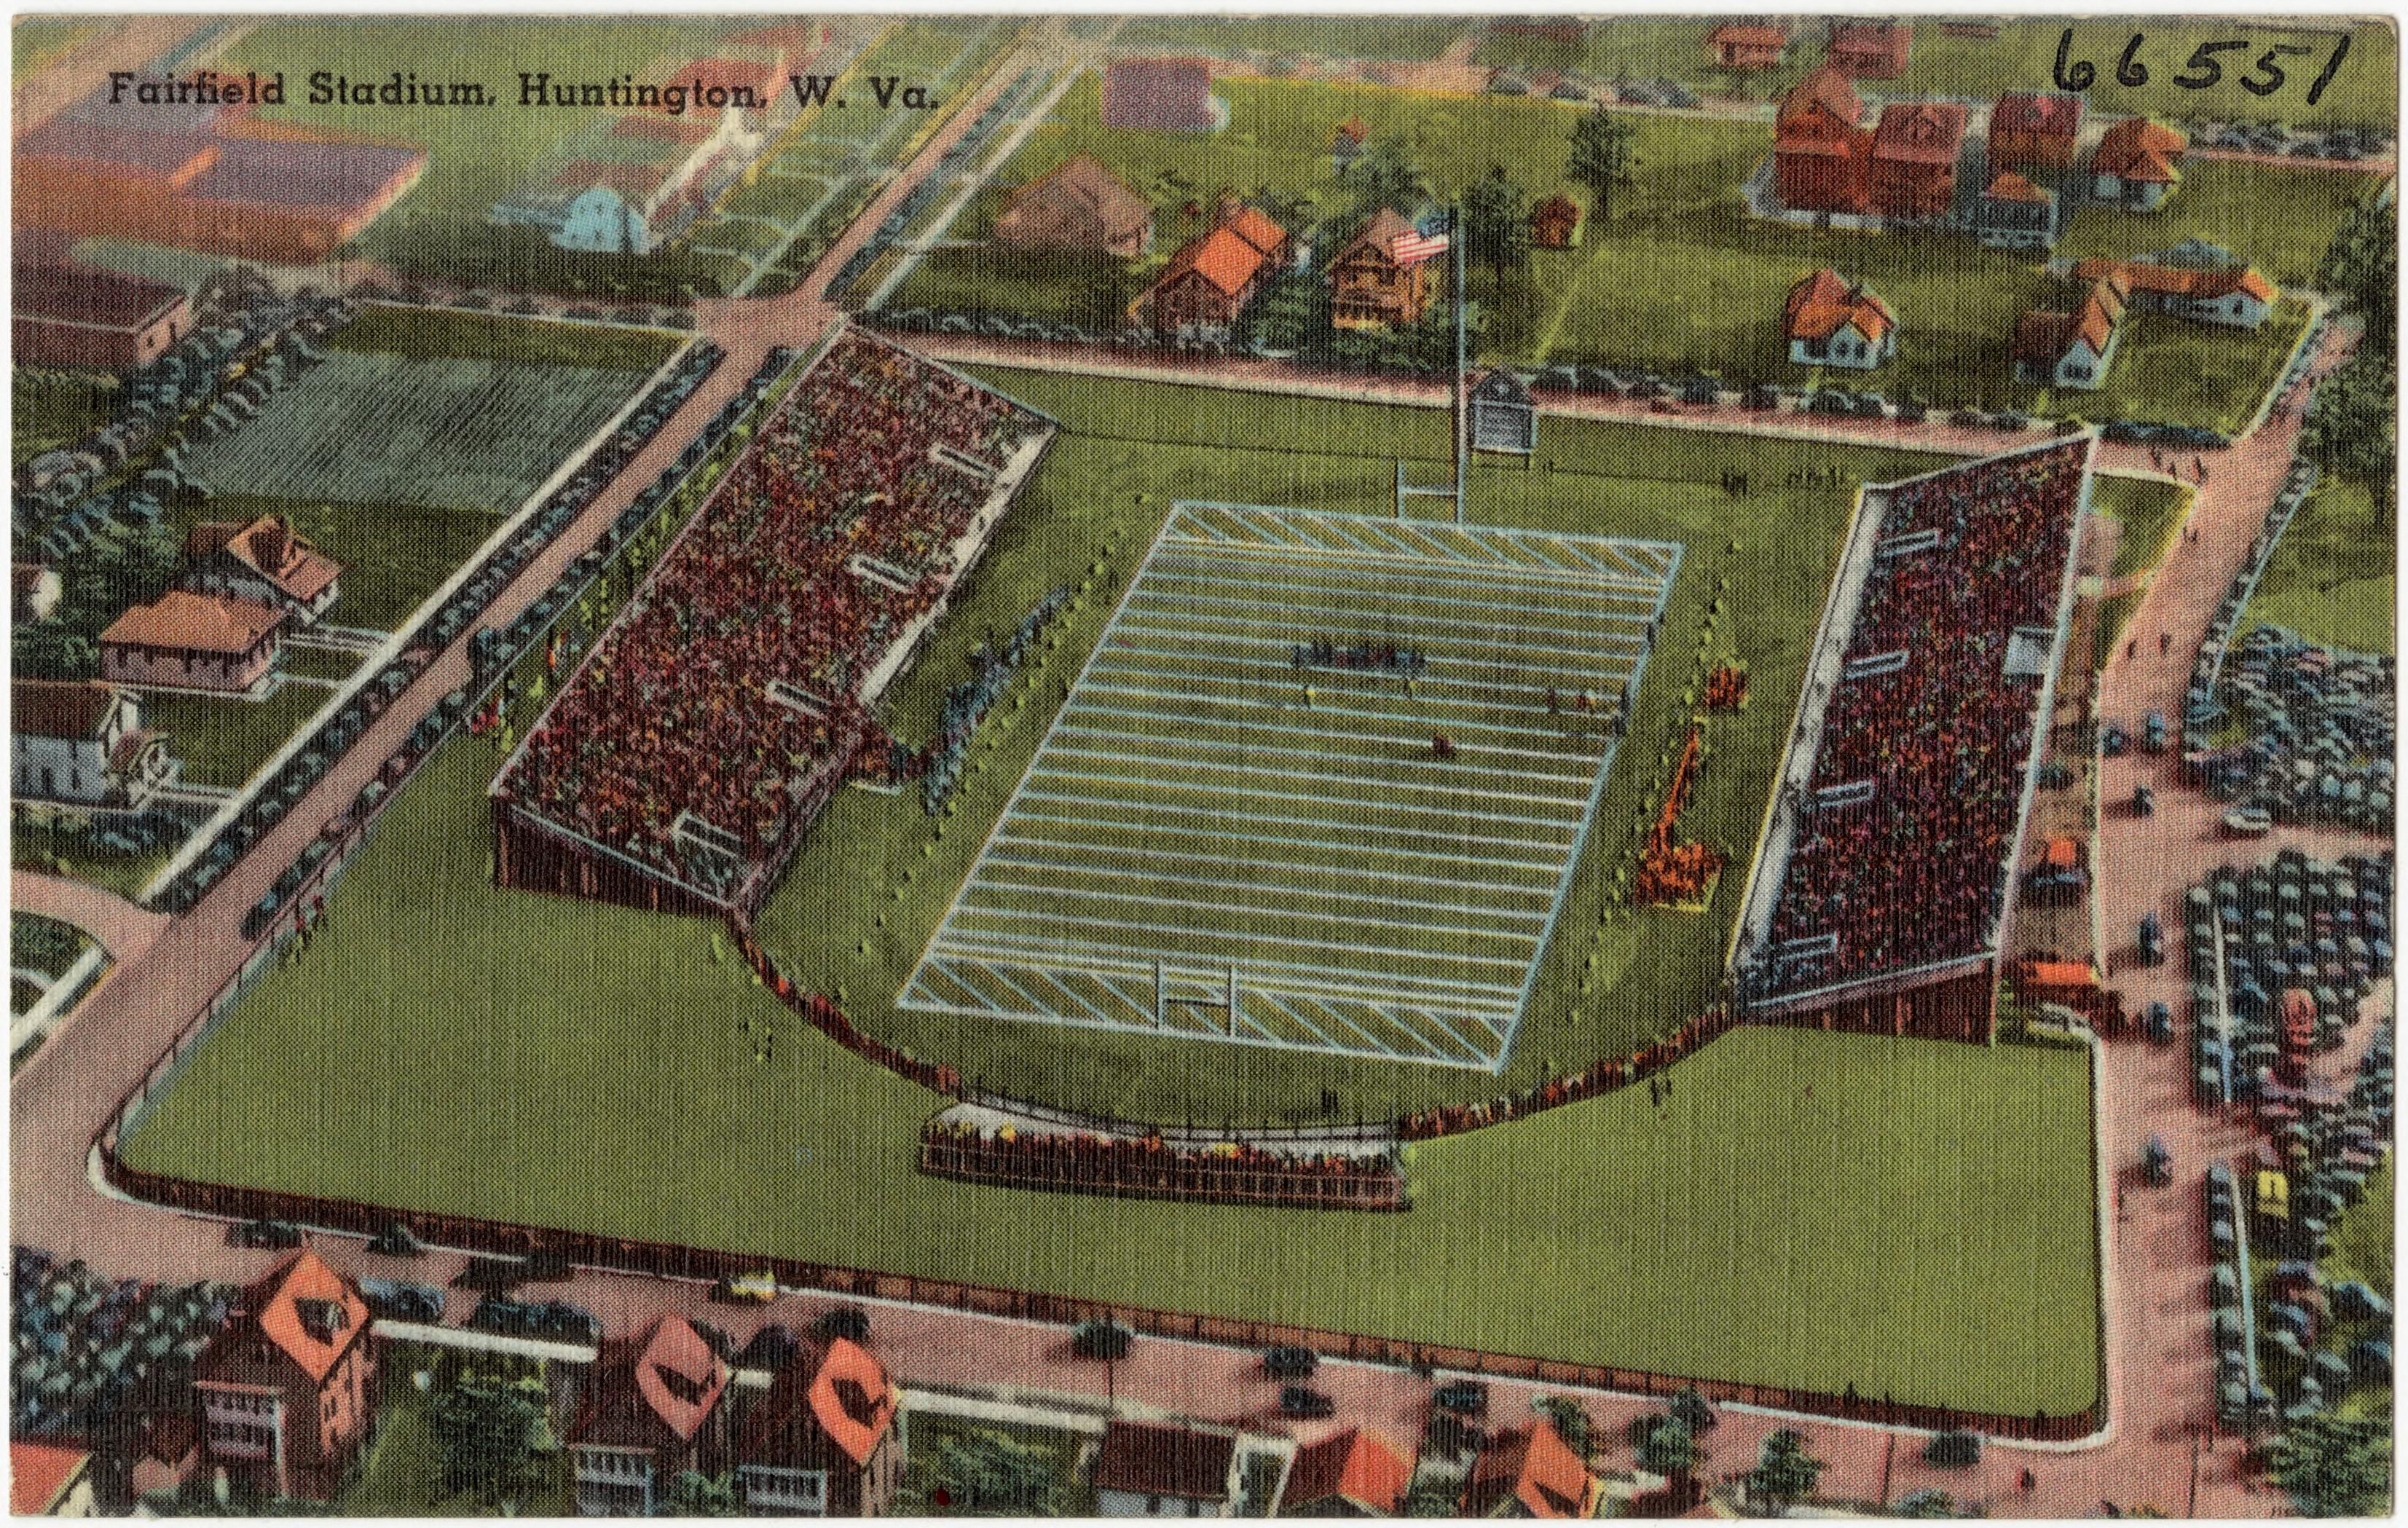 Fairfield Stadium Wikipedia